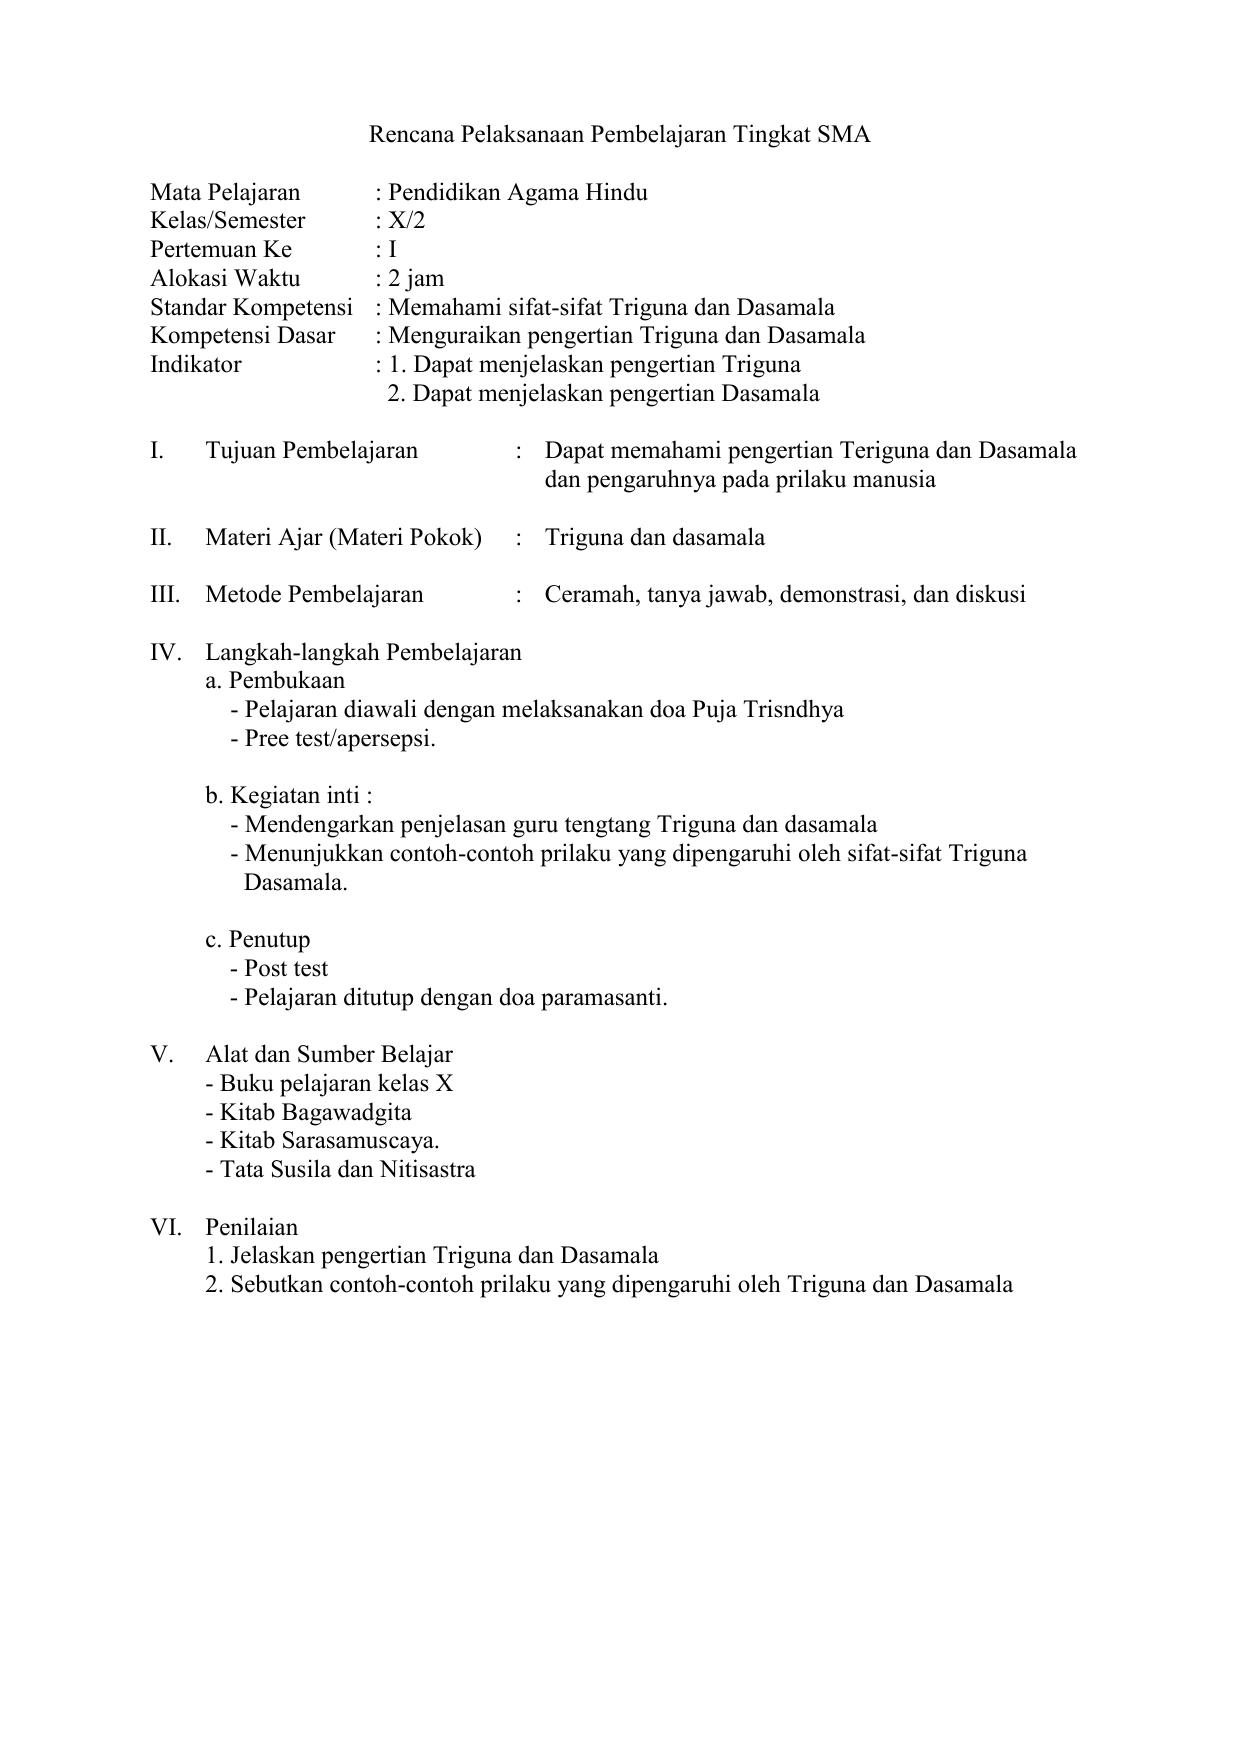 Rpp Agama Hindu Revisi Sekolah